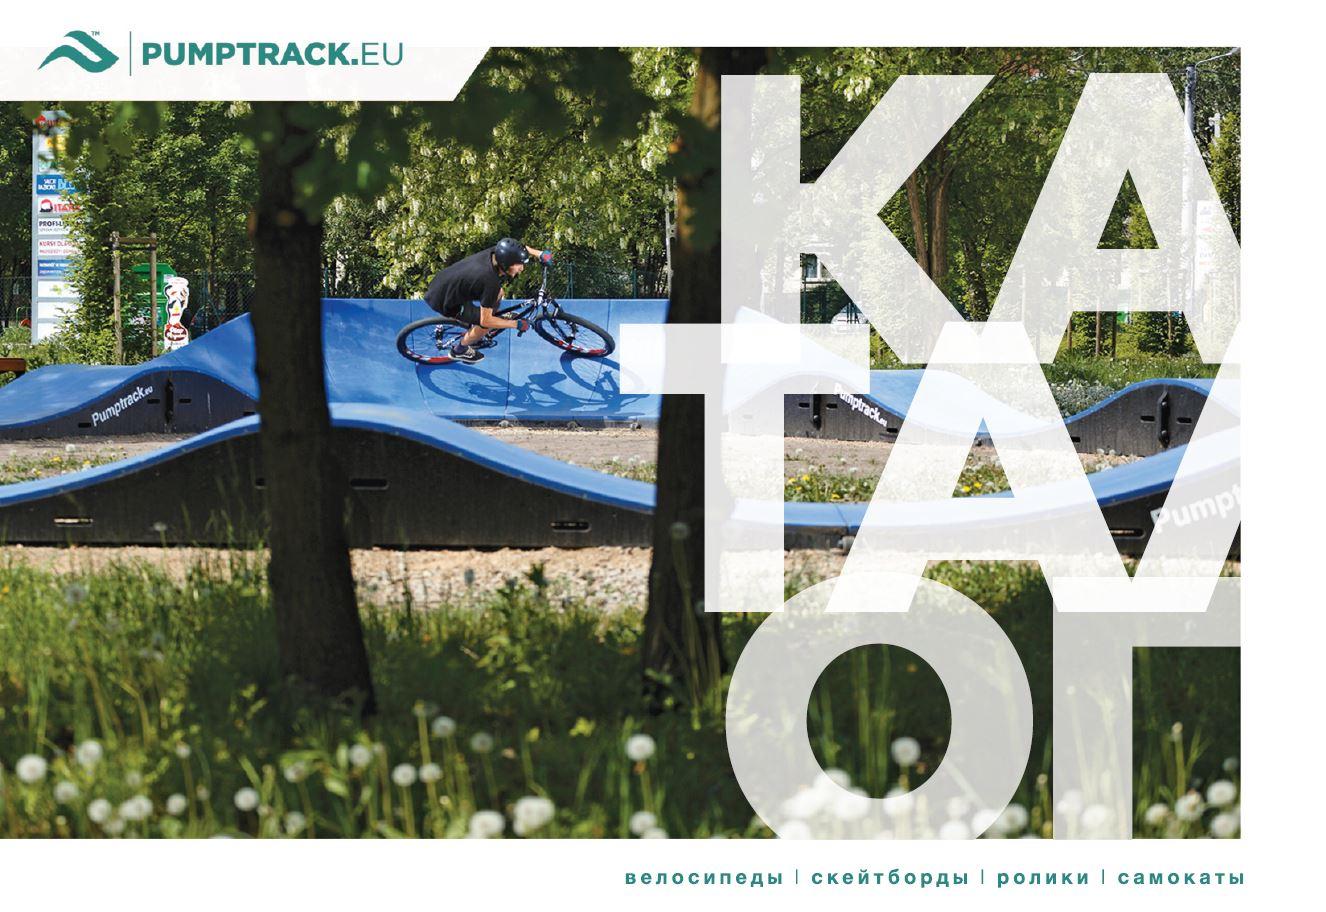 pumptrack catalog 2019